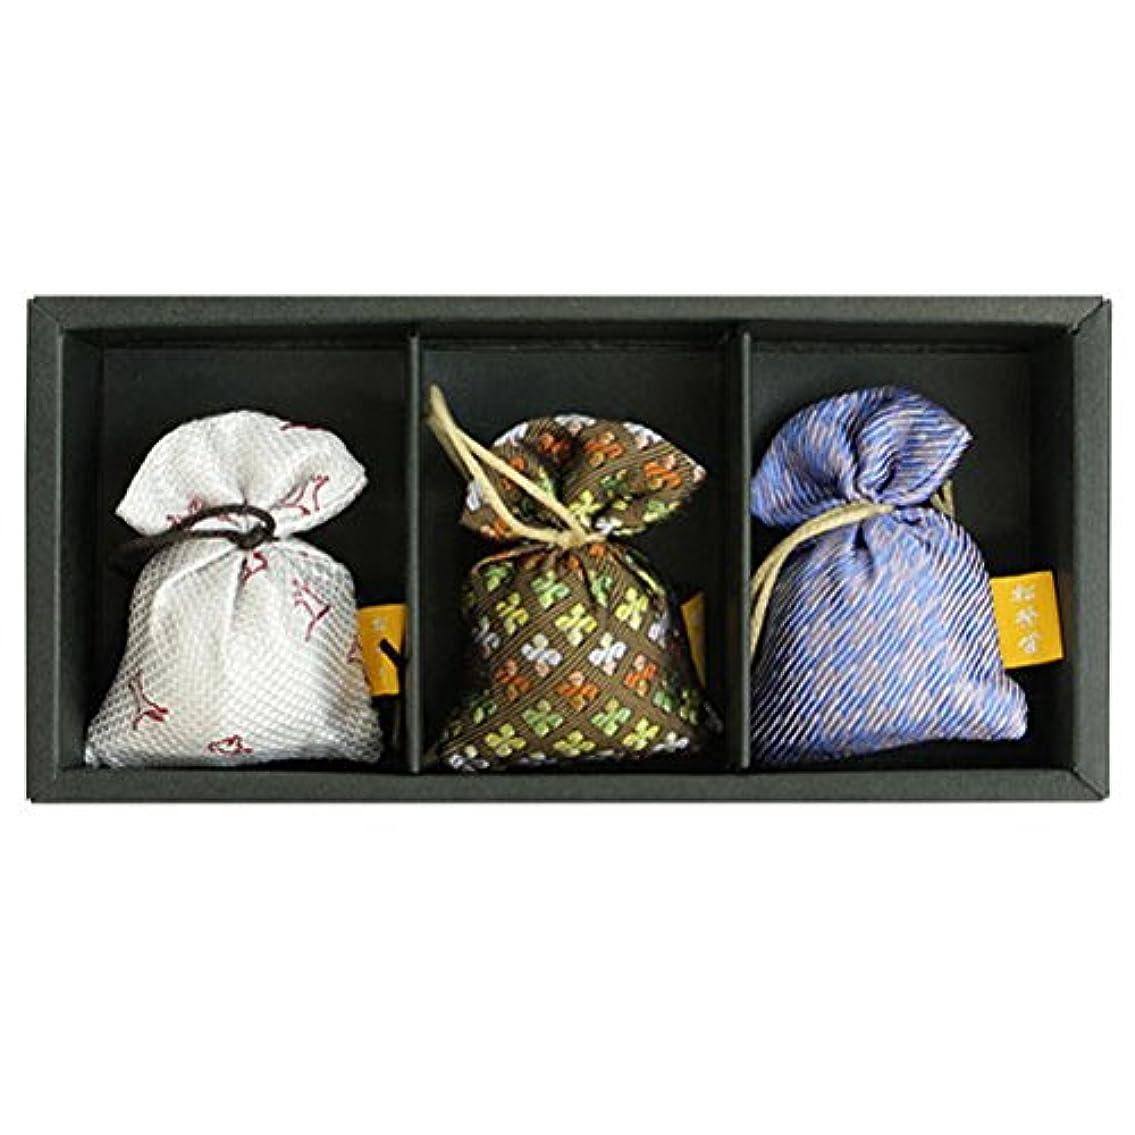 カナダ取るに足らない欠伸匂い袋 誰が袖 薫 かおる 3個入 松栄堂 Shoyeido 本体長さ60mm (色?柄は選べません)